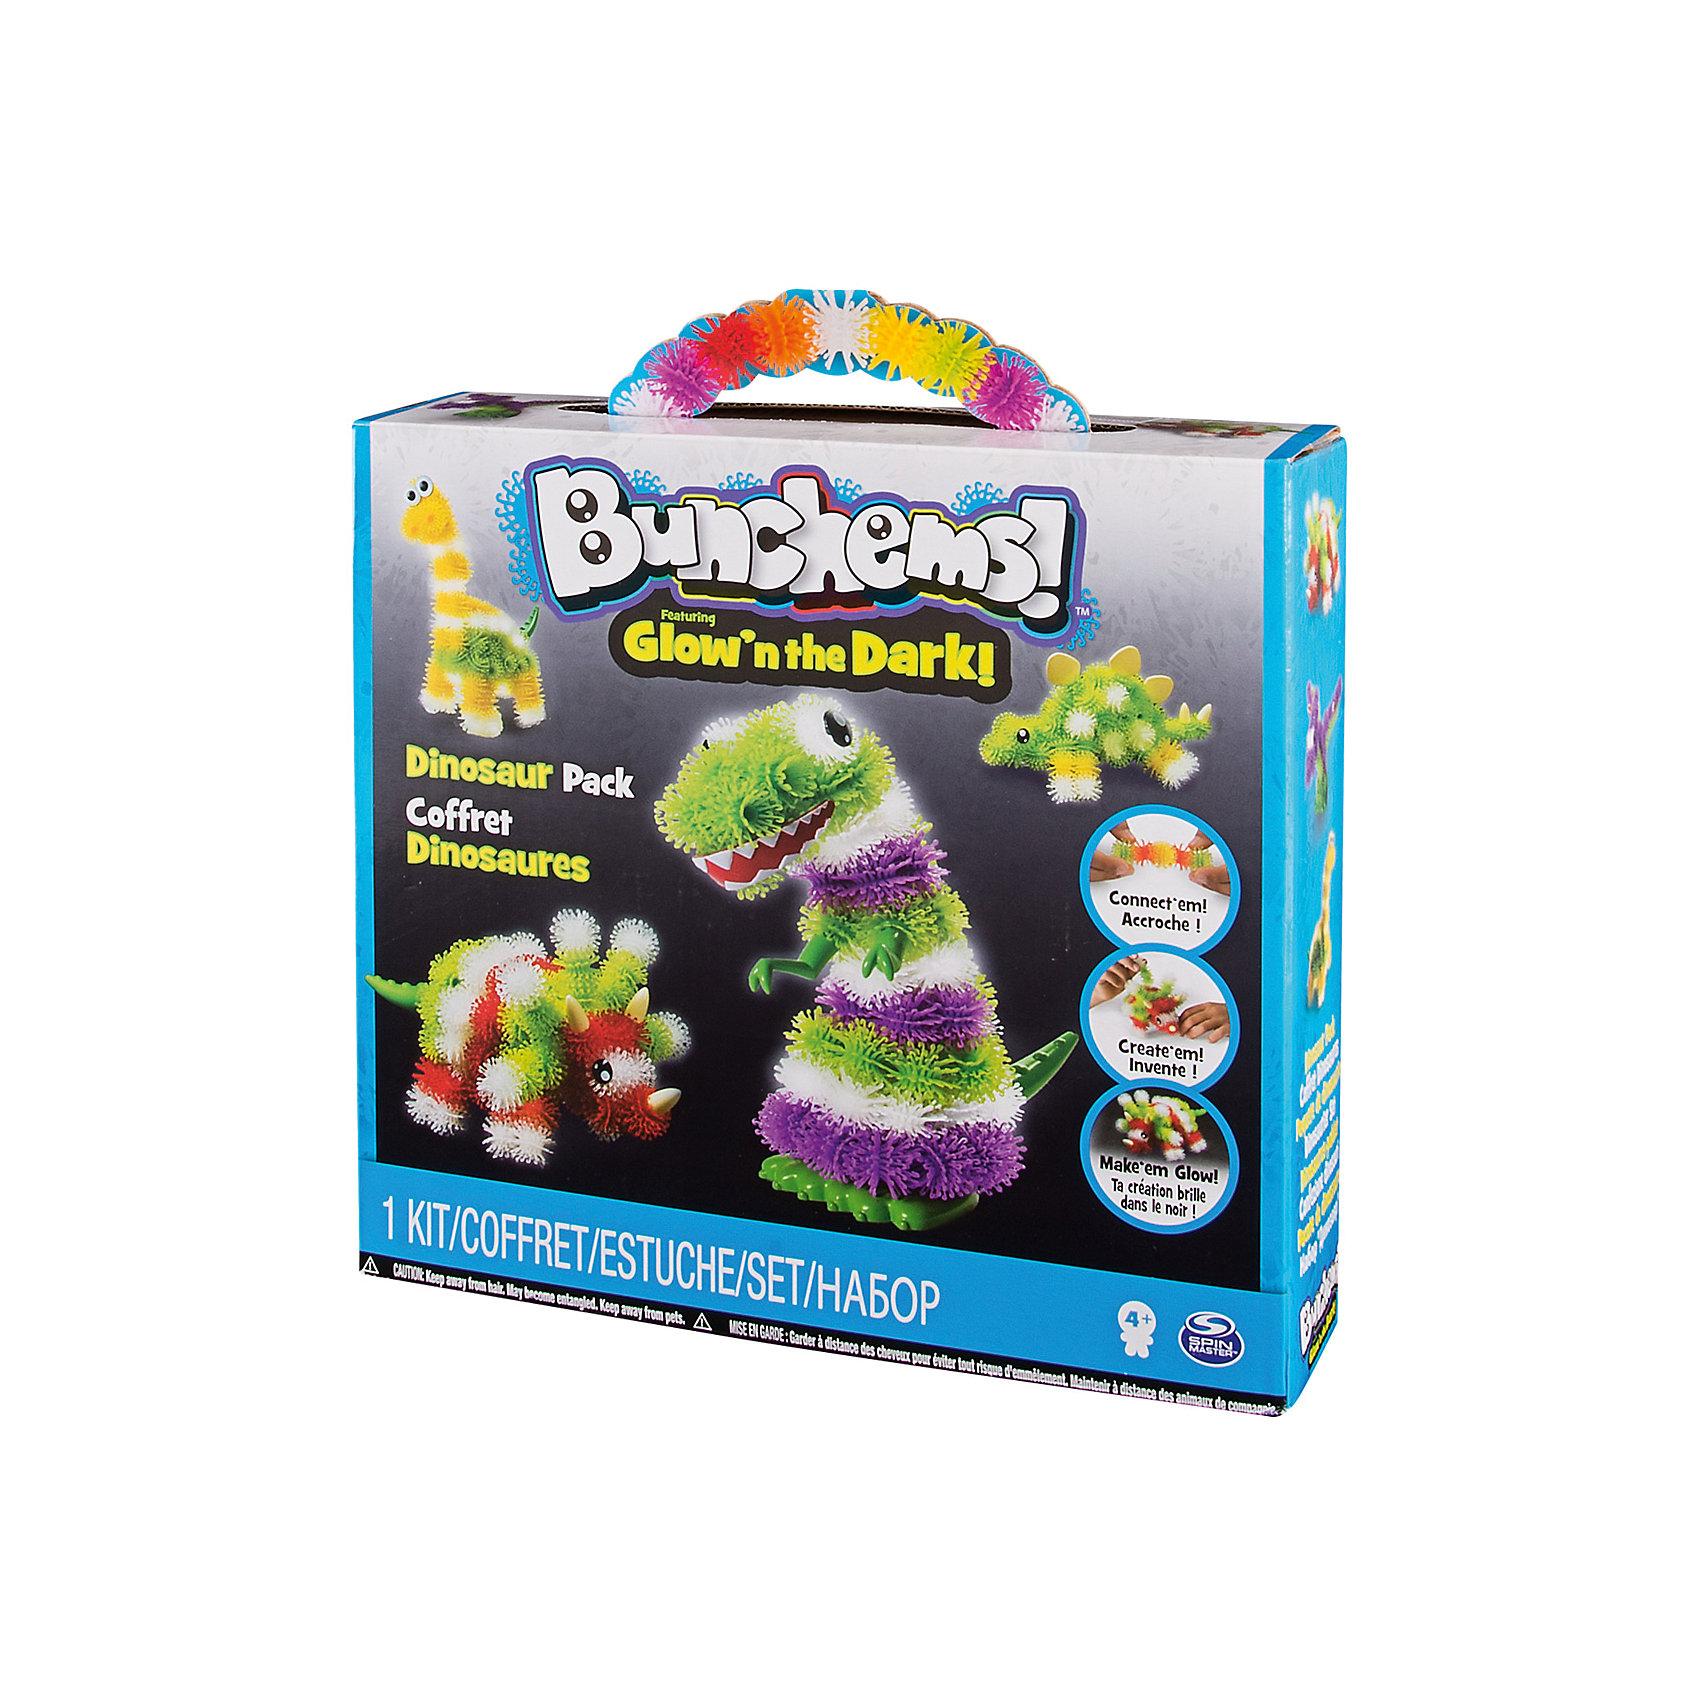 Тематический набор Динозавр (светится в темноте), BunchemsТематический набор Динозавр (светится в темноте), Bunchems (Банчемс).<br><br>Характеристики:<br><br>- Возраст: от 4 лет<br>- Для мальчиков и девочек<br>- В наборе: 40 светящихся в темноте белых шариков Bunchems, 40 зеленых шариков Bunchems, 40 фиолетовых шариков Bunchems, 40 желтых шариков Bunchems, 40 красных шариков Bunchems, 14 дополнительных аксессуаров (глаза, шипы, зубы, лапы, хвост, иллюстрированная инструкция<br>- Диаметр шарика Bunchems: 2 см.<br>- Материал: мягкий качественный нетоксичный пластик, окрашенный в яркие цвета гипоаллергенными красителями<br>- Упаковка: картонная коробка с ручкой<br>- Размер упаковки: 28х25х7 см.<br><br>С помощью набора Bunchems (Банчемс) Динозавр ваш ребенок соберет фигурки 4 известных ящеров – стегозавра, тираннозавра, бронтозавра и трицератопса - схемы сборки, для которых представлены в инструкции. А также, применив свою фантазию и воображение, множество других интересных фигурок. Фигурки получатся яркими, полосатыми и пятнистыми, а дополнительные аксессуары сделают образ животного более забавным. Элементы набора - шарики - с помощью мини-крючков легко соединяются между собой и также легко разъединяются, как репейник. В результате горсти таких шариков можно придавать разнообразную форму. Для лучшего сцепления необходимо как можно плотнее прижимать детали. Получившиеся модели не разваливаются, с ними можно играть дома, на улице, в ванной – где угодно! Шарики окрашены в 4 цвета: желтый, зеленый, красный, фиолетовый. Еще одна группа шариков – фосфорные белые, благодаря чему готовые поделки светятся в темноте. Выключите лампу и смотрите, как происходят чудеса! Элементы набора выполнены из мягкого безопасного пластика, в центре шариков находятся отверстия для аксессуаров. Набор отлично развивает фантазию и пространственное мышление ребенка. С набором не рекомендуется играть детям младше 4 лет. Перед игрой у девочек волосы следует собрать в хвост или в пучок во избежание за